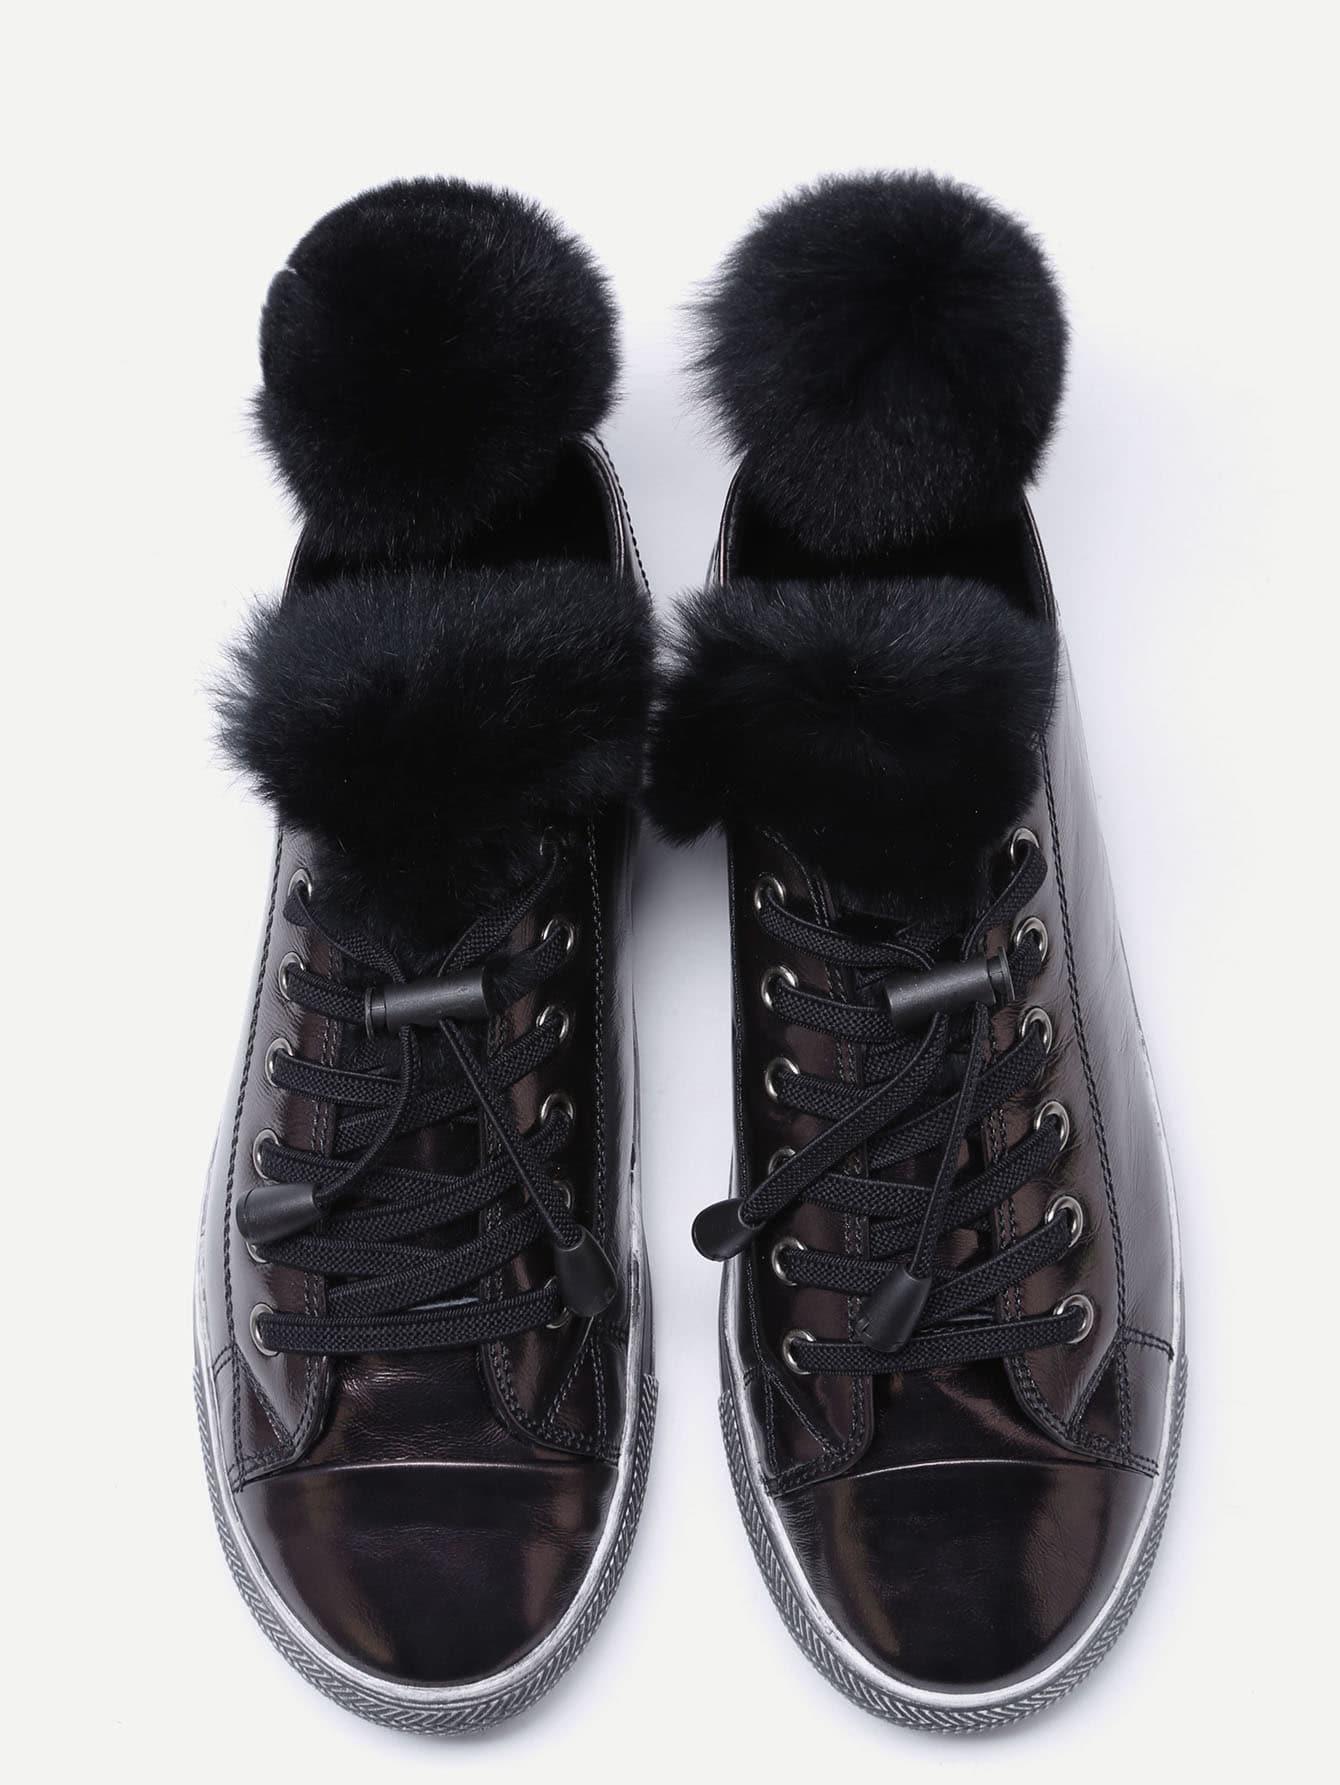 shoes161111815_2